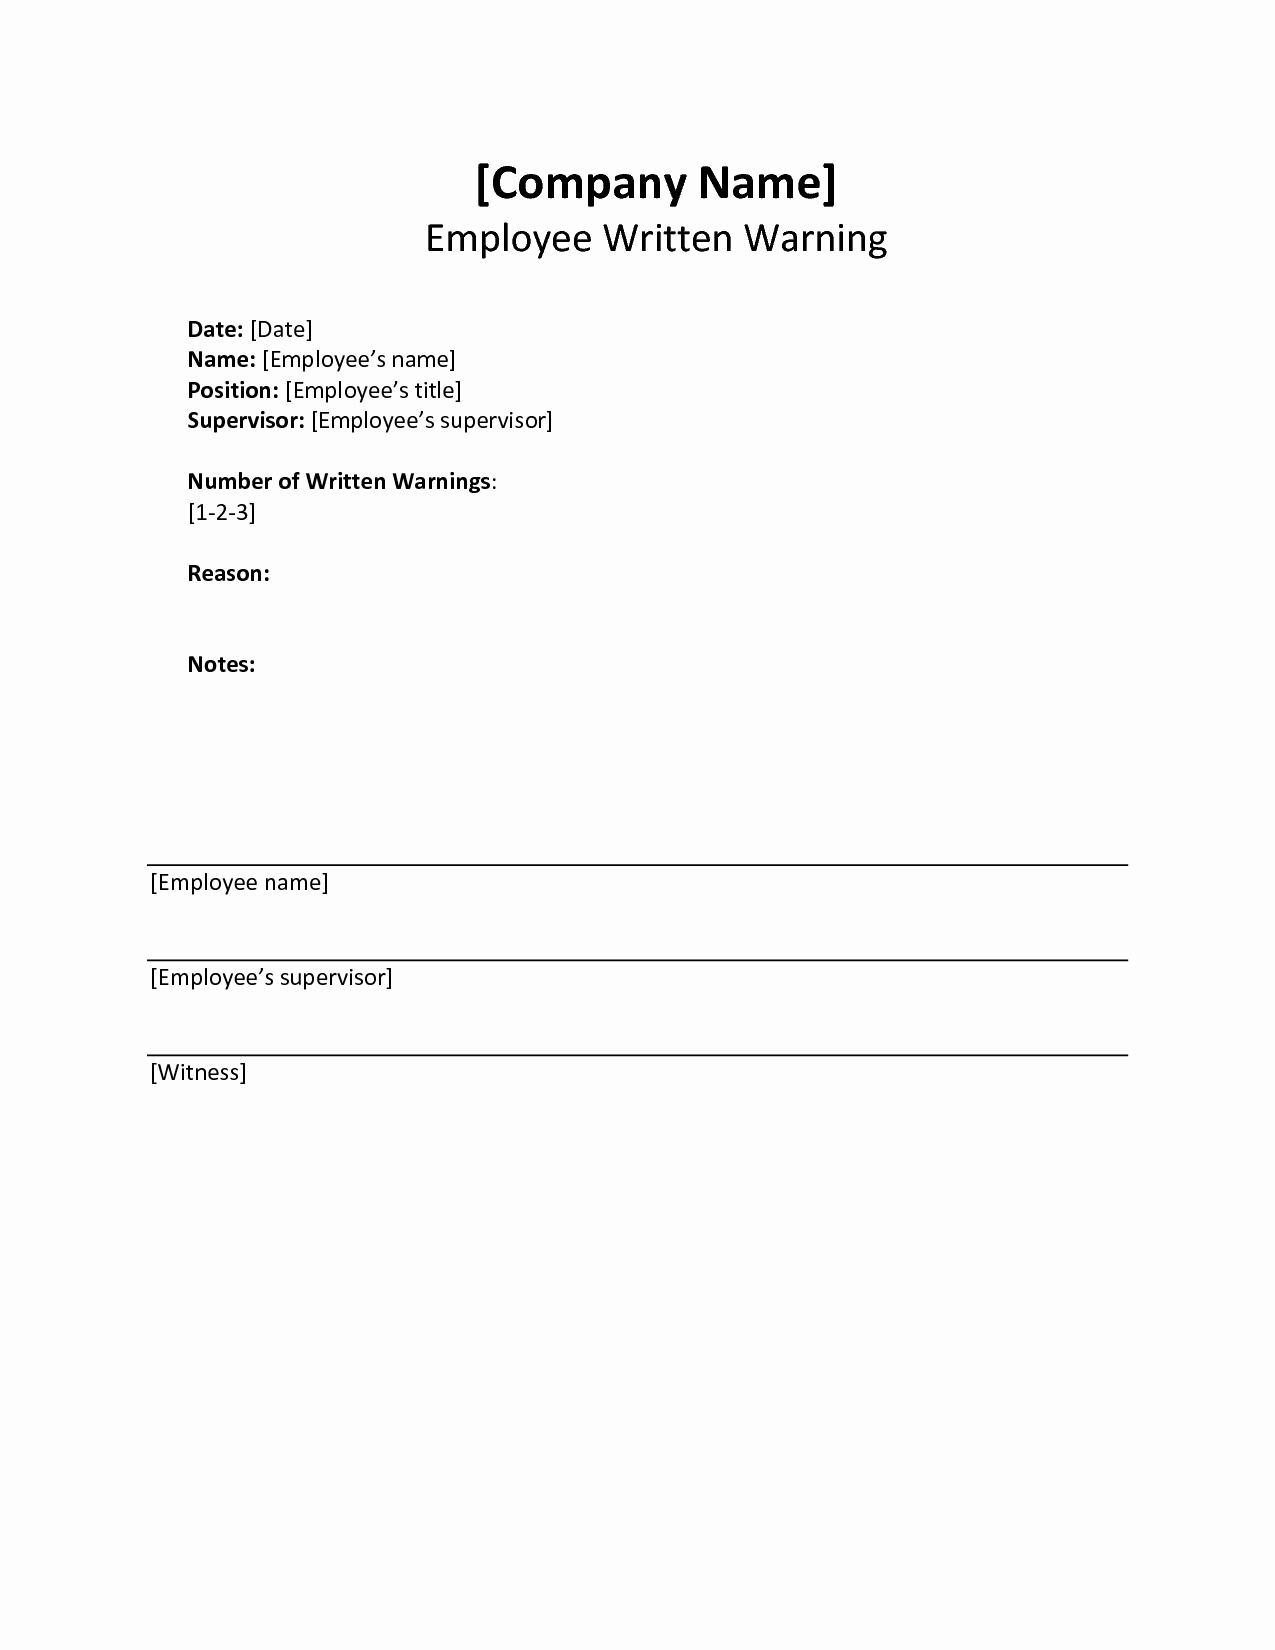 Employee Written Warning Template Free Inspirational Written Warning Template